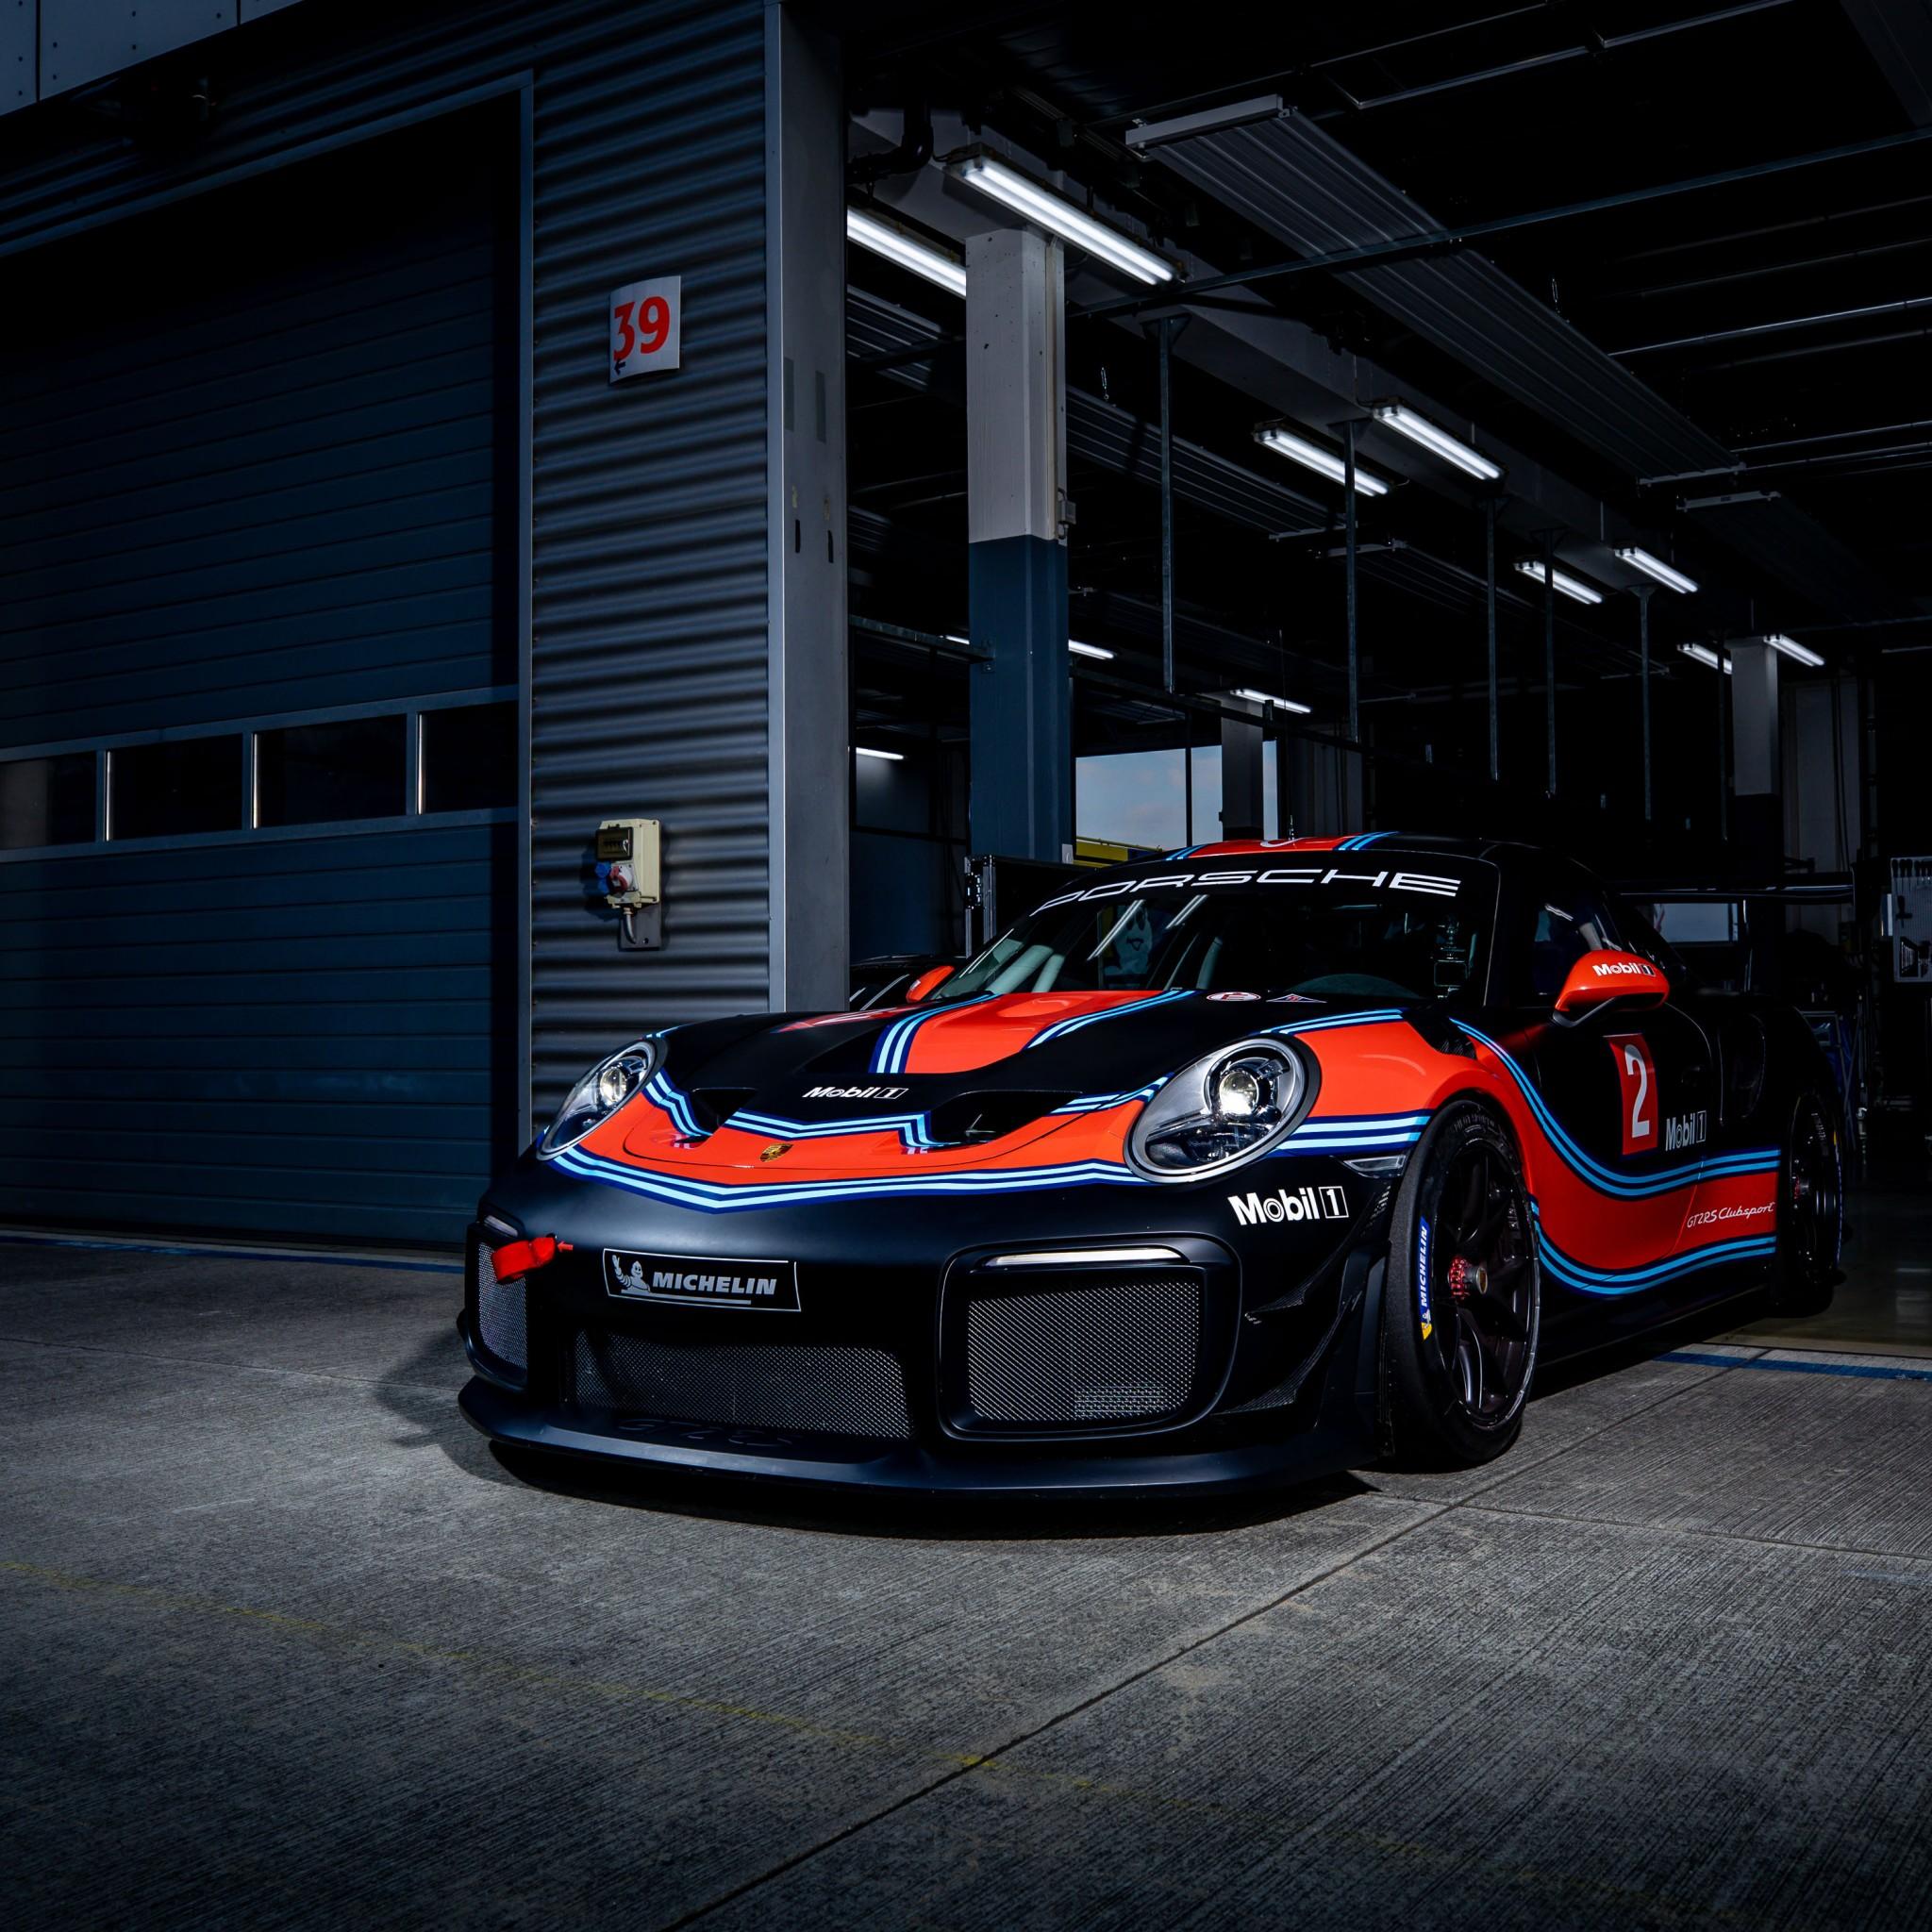 Porsche 911 Gt2 Rs Clubsport Wallpaper